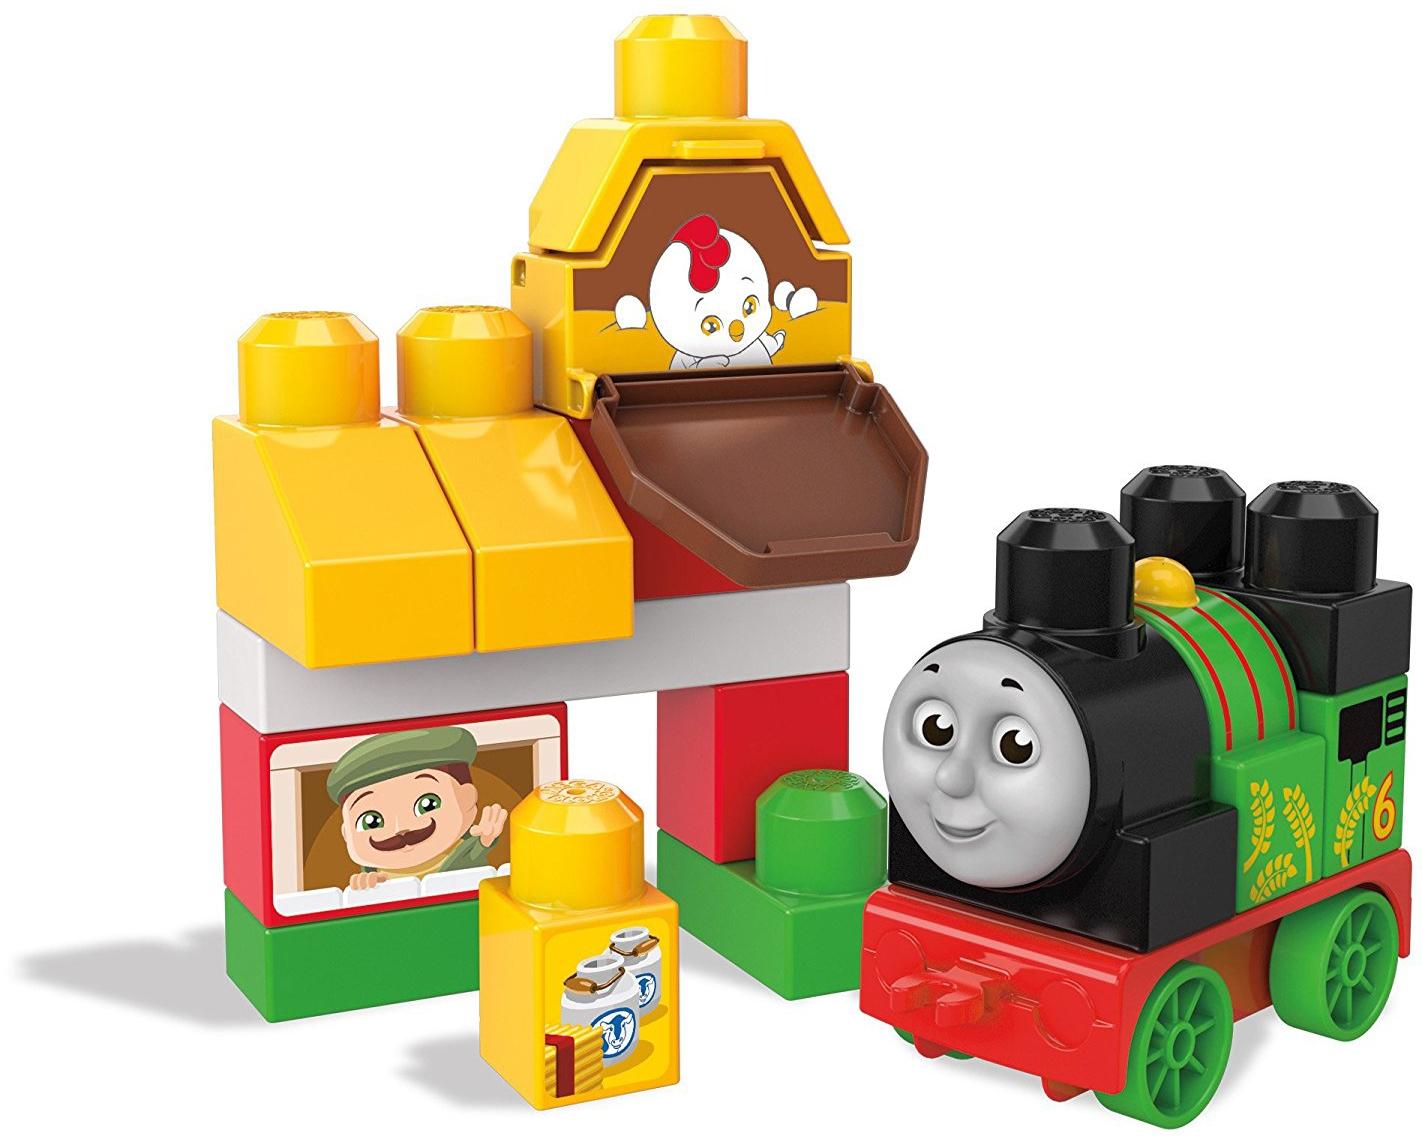 Конструкторы для малышей Mega Bloks Томас и друзья: достопримечательности Содора mega bloks томас и друзья приключения на острове содор mega bloks